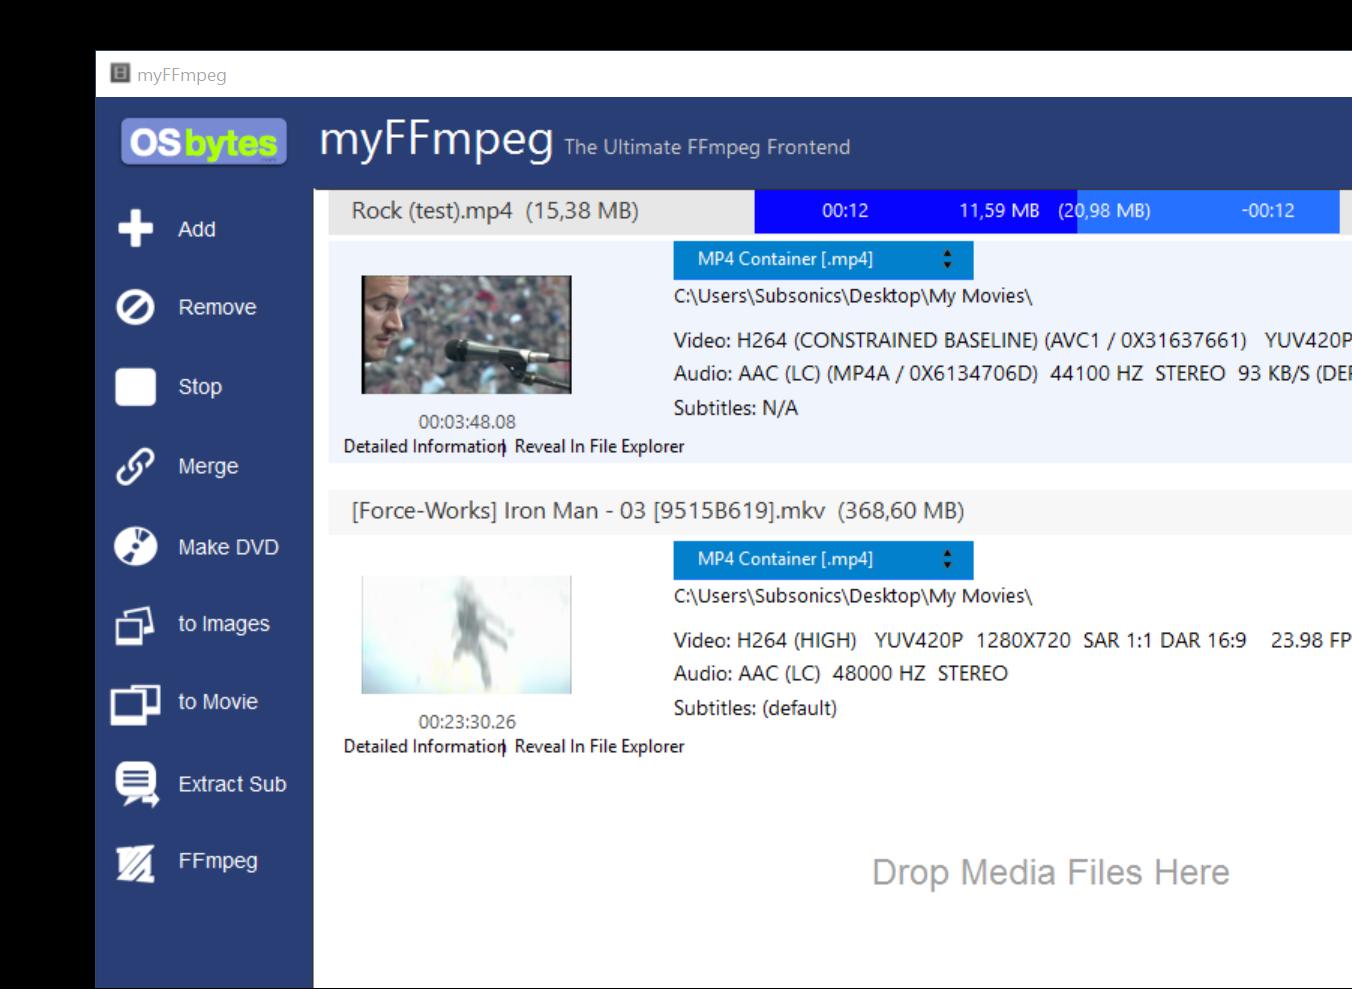 myFFmpeg 3.0.2 software screenshot